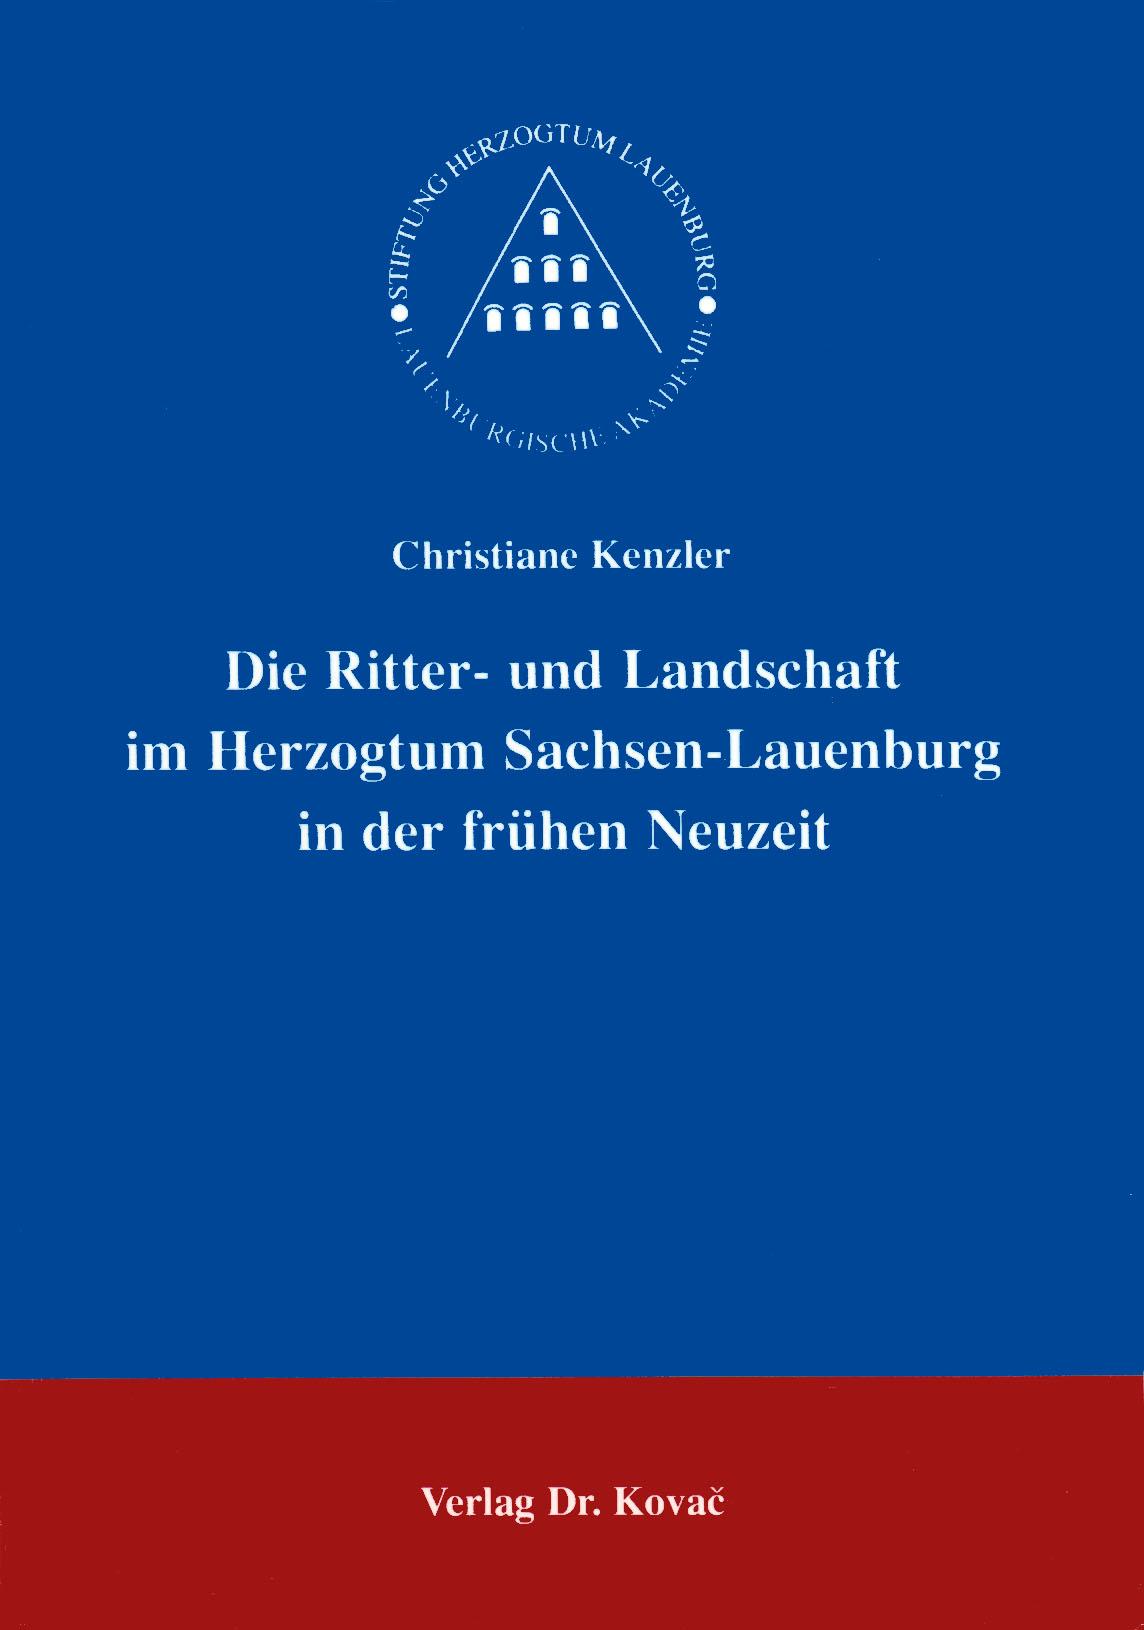 Cover: Die Ritter- und Landschaft im Herzogtum Sachsen-Lauenburg in der frühen Neuzeit